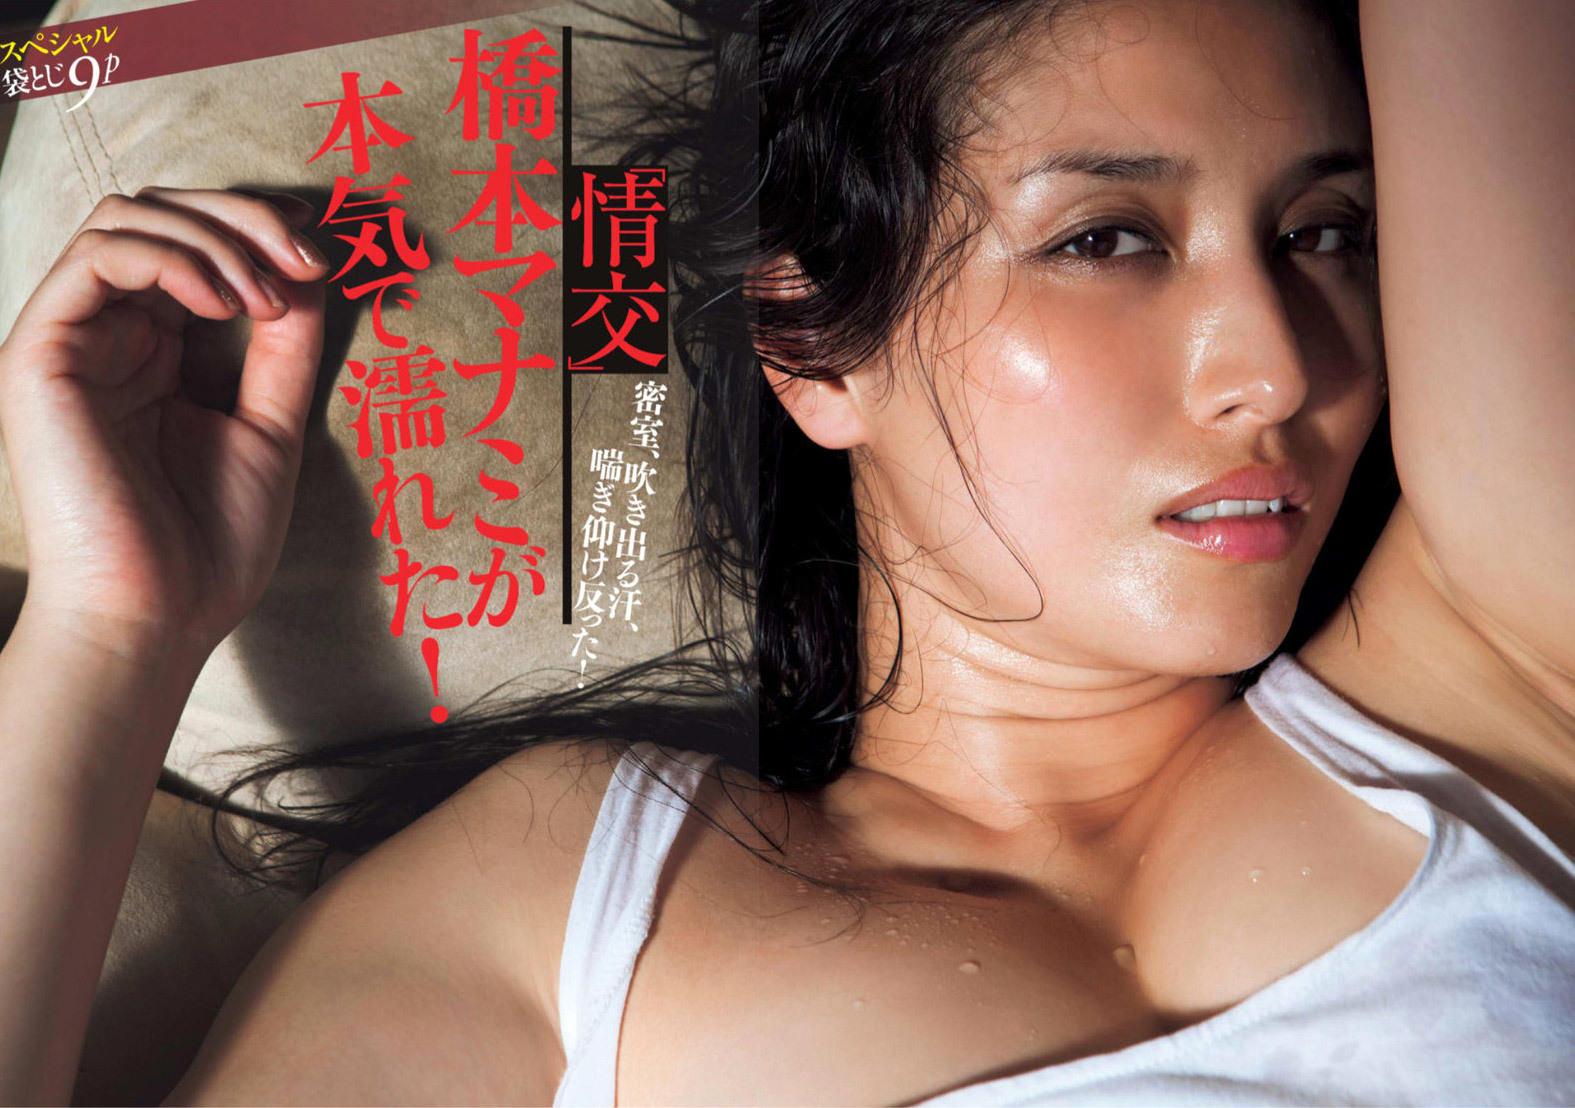 (朗報)橋本マナミさん(34才)、やっとHカップのチクビ解禁☆色はまさかのwww…→